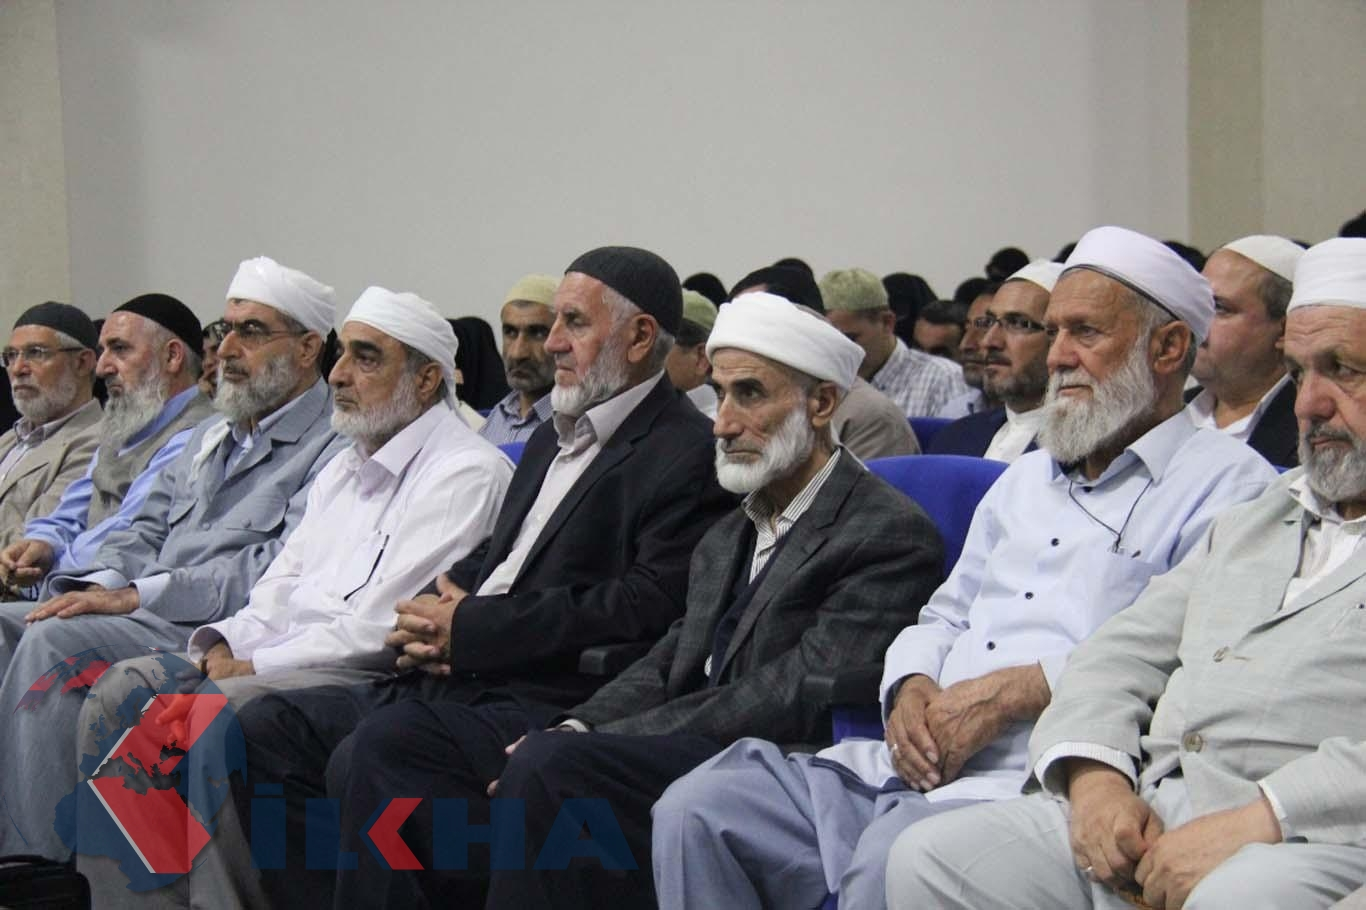 Enver Kılıçaslan yeniden İttihad'ul Ulema başkanlığına seçildi